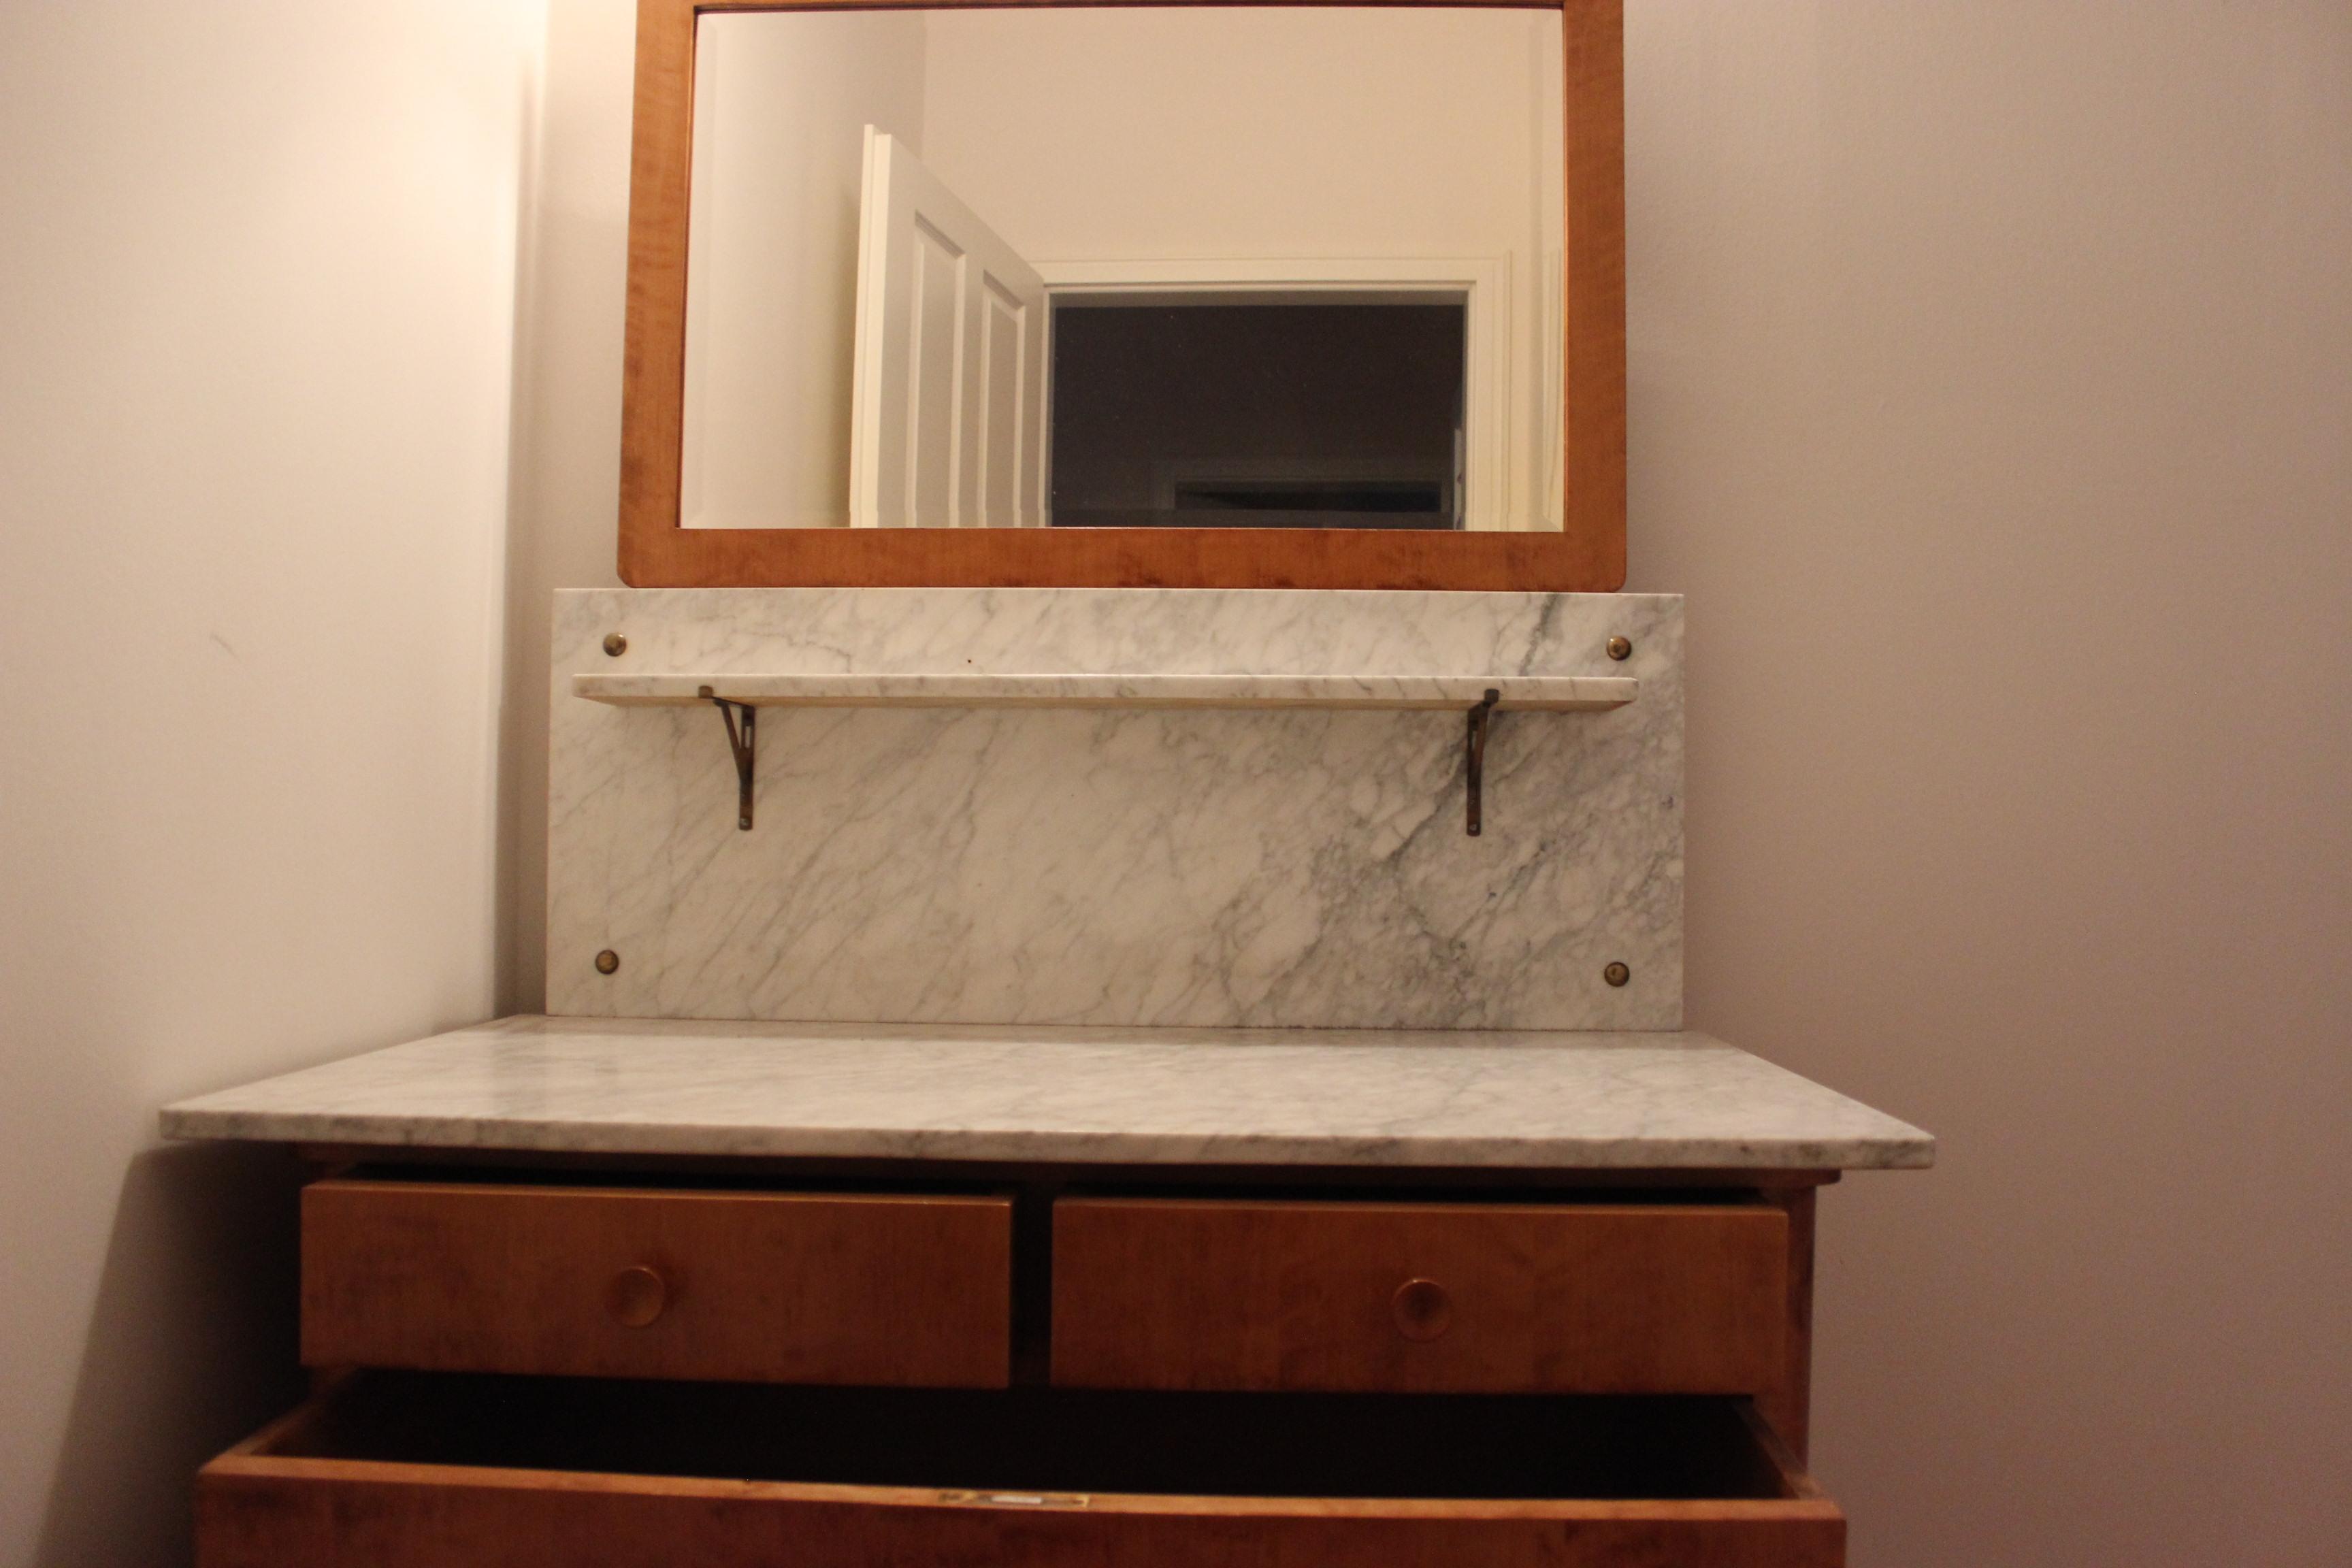 kommode vollholz antik inspirierendes design f r wohnm bel. Black Bedroom Furniture Sets. Home Design Ideas